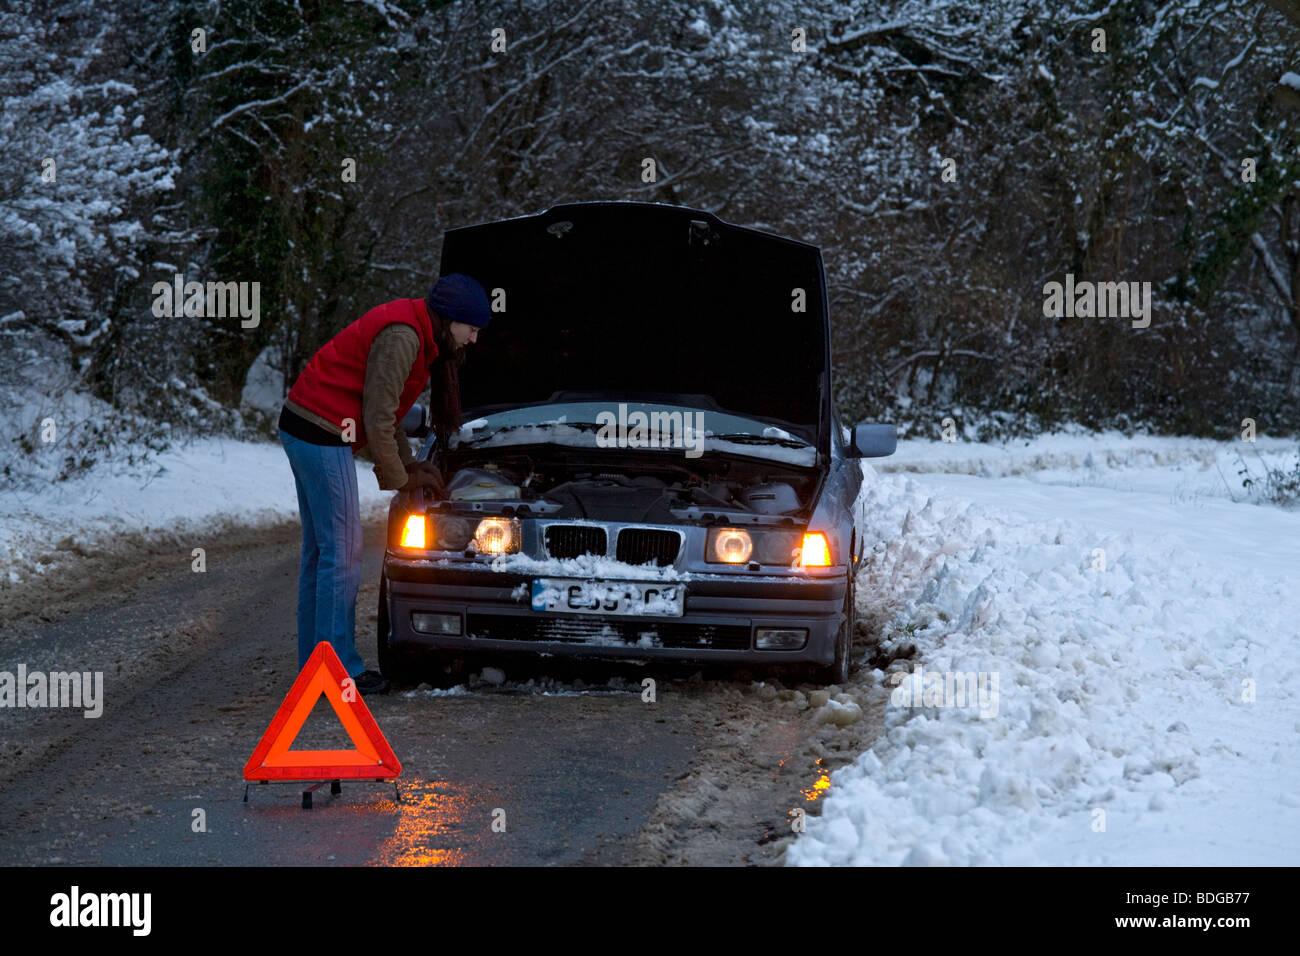 Le donne sul suo proprio ripartiti nella neve, intrecciato cercando di farla fissa. Immagini Stock